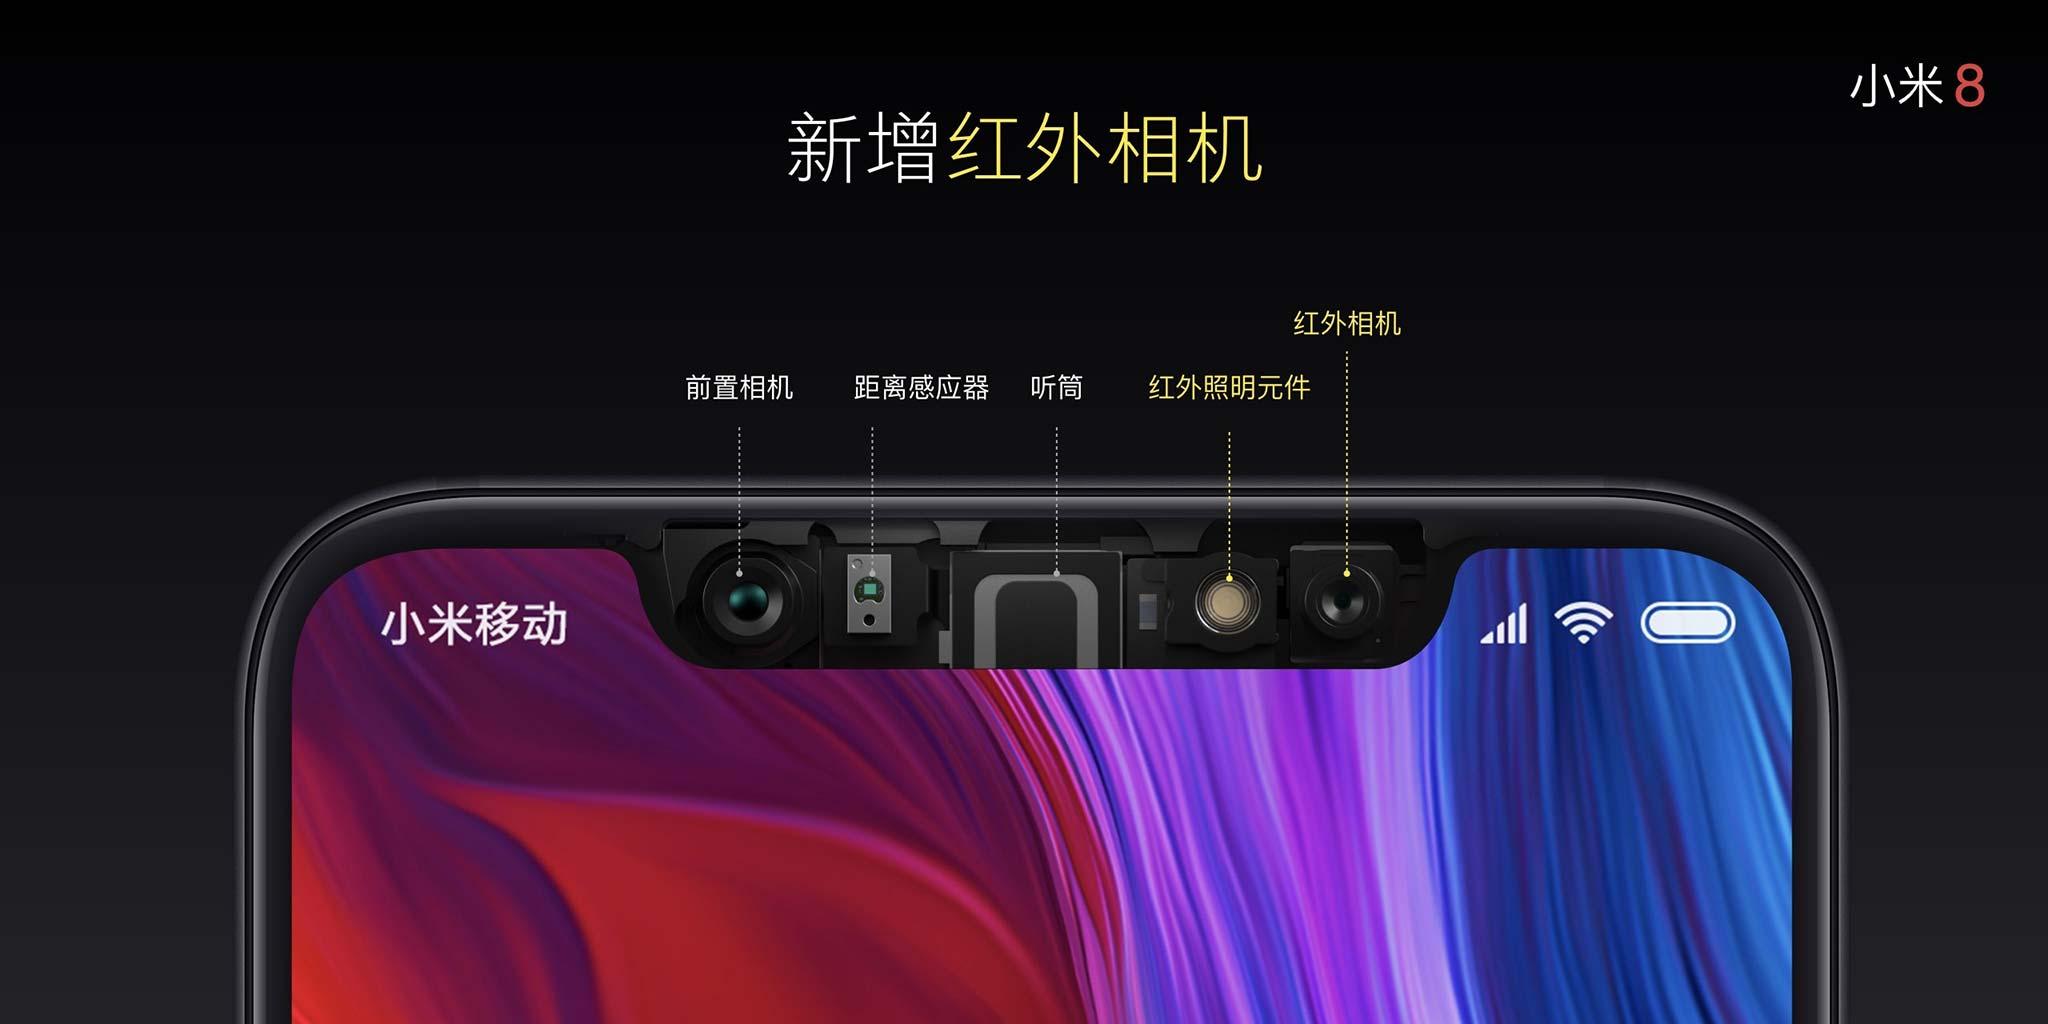 Xiaomi chính thức ra mắt Mi 8/ EE/ SE: Face ID, màn hình tai thỏ, cảm biến vân tay dưới màn hình hình 5